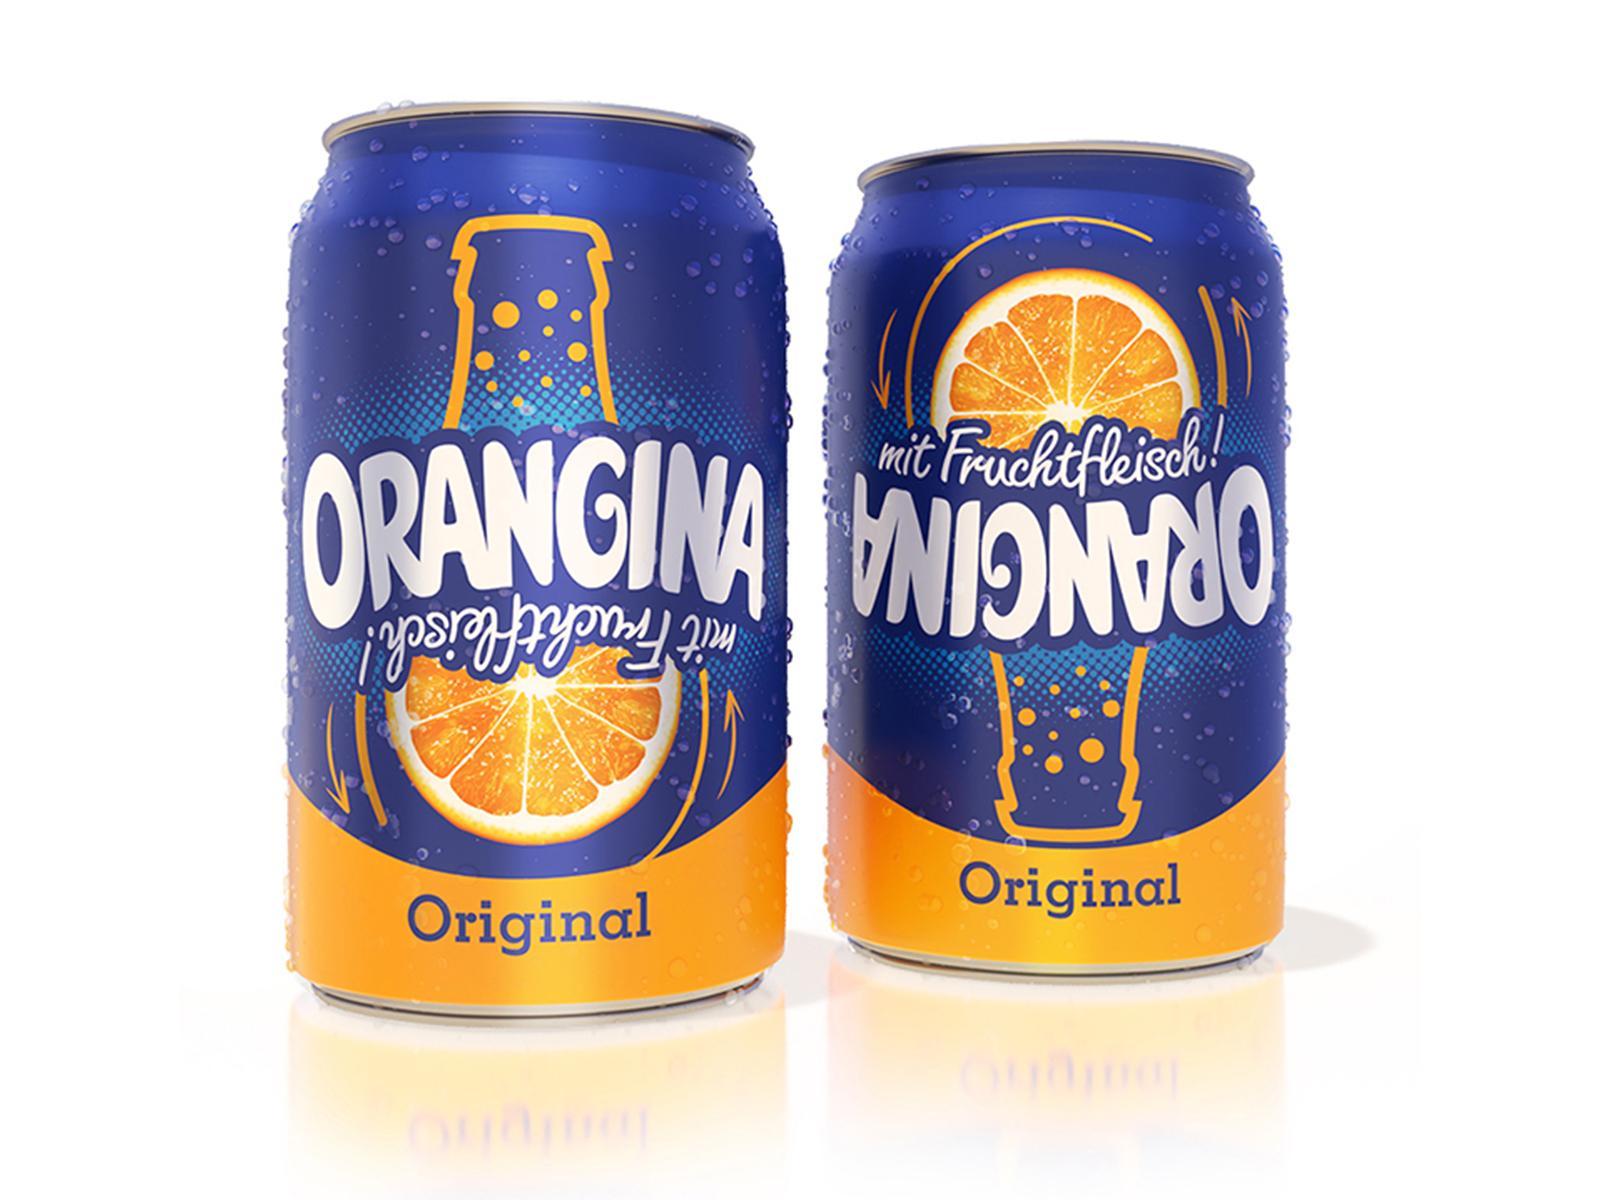 بازاریابی تجربه ای اورنجینا (ORANGINA) طرفدارانش را به حرکت درآورد